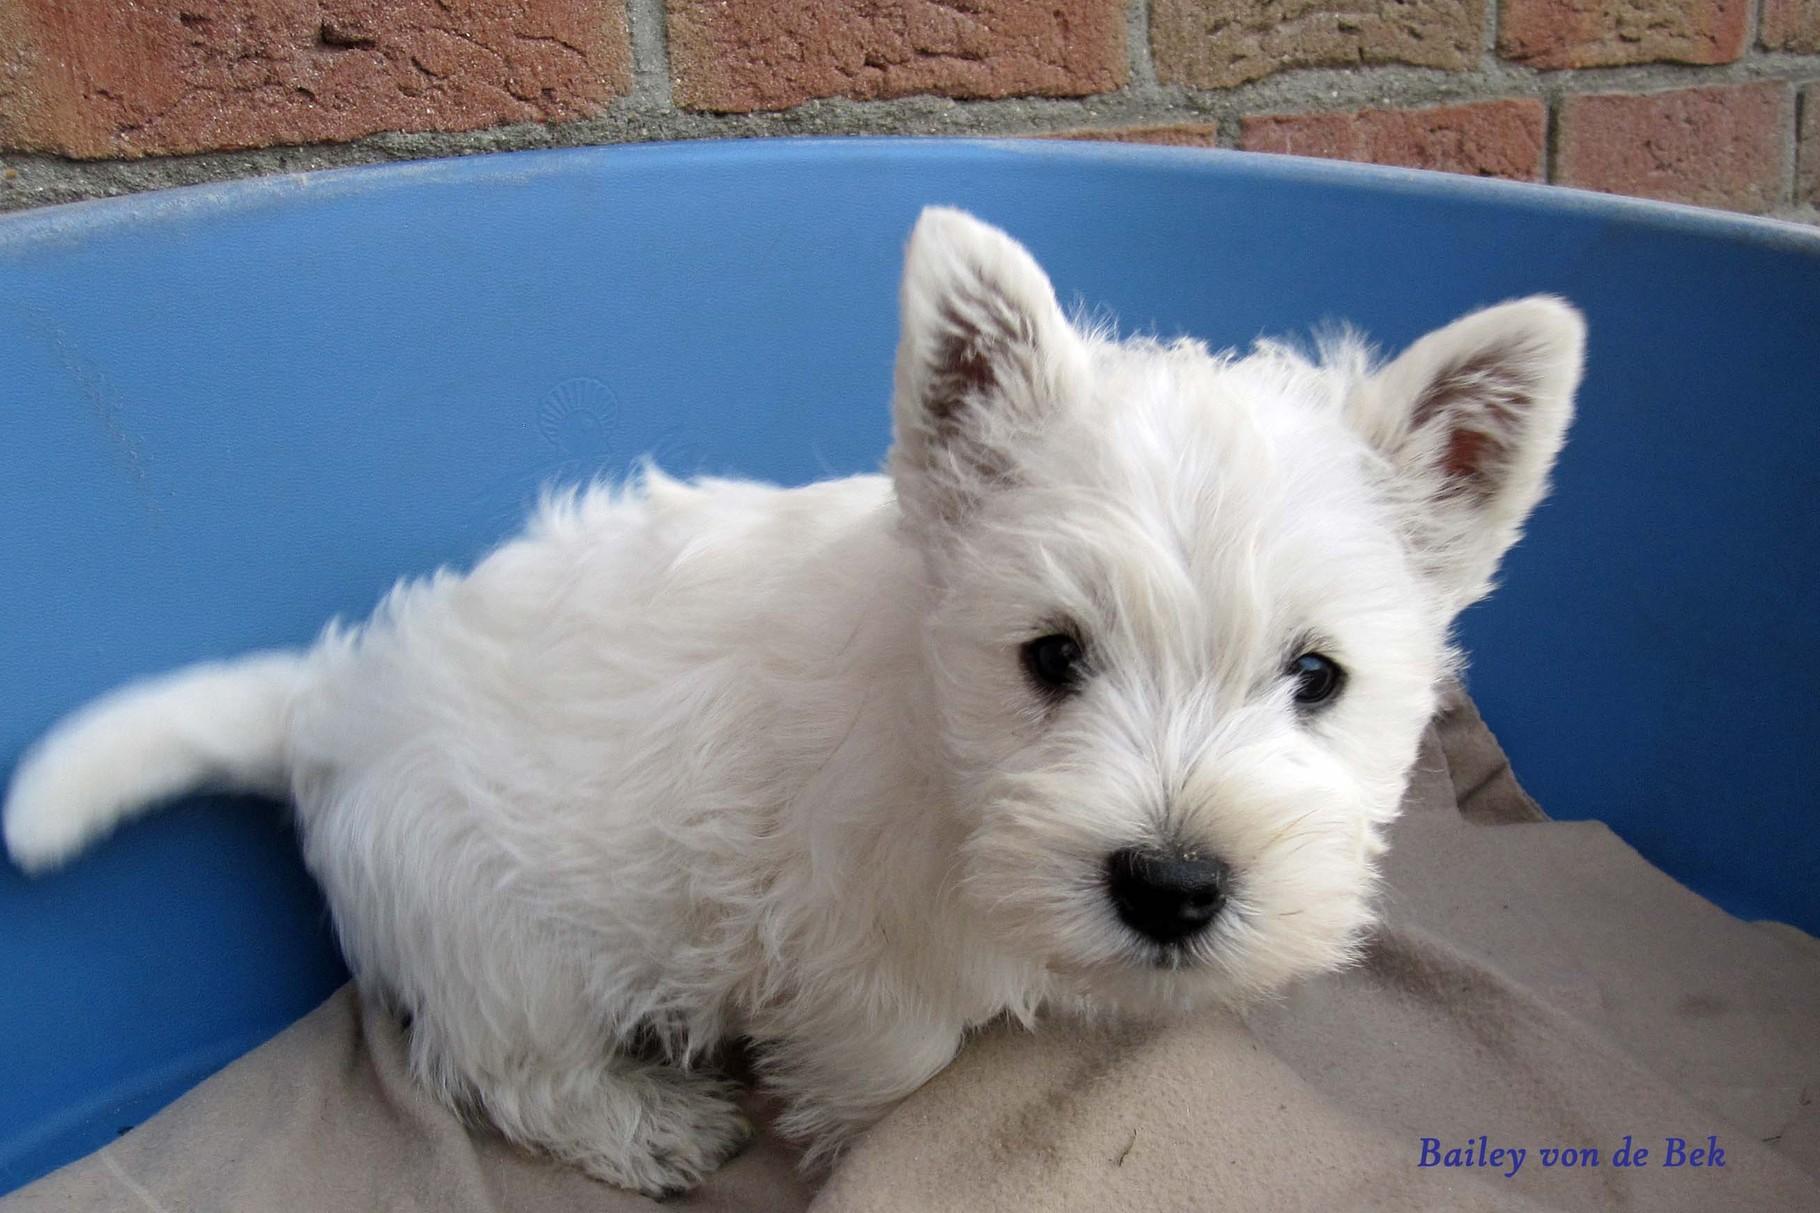 Bailey von de Bek mit 9 Wochen